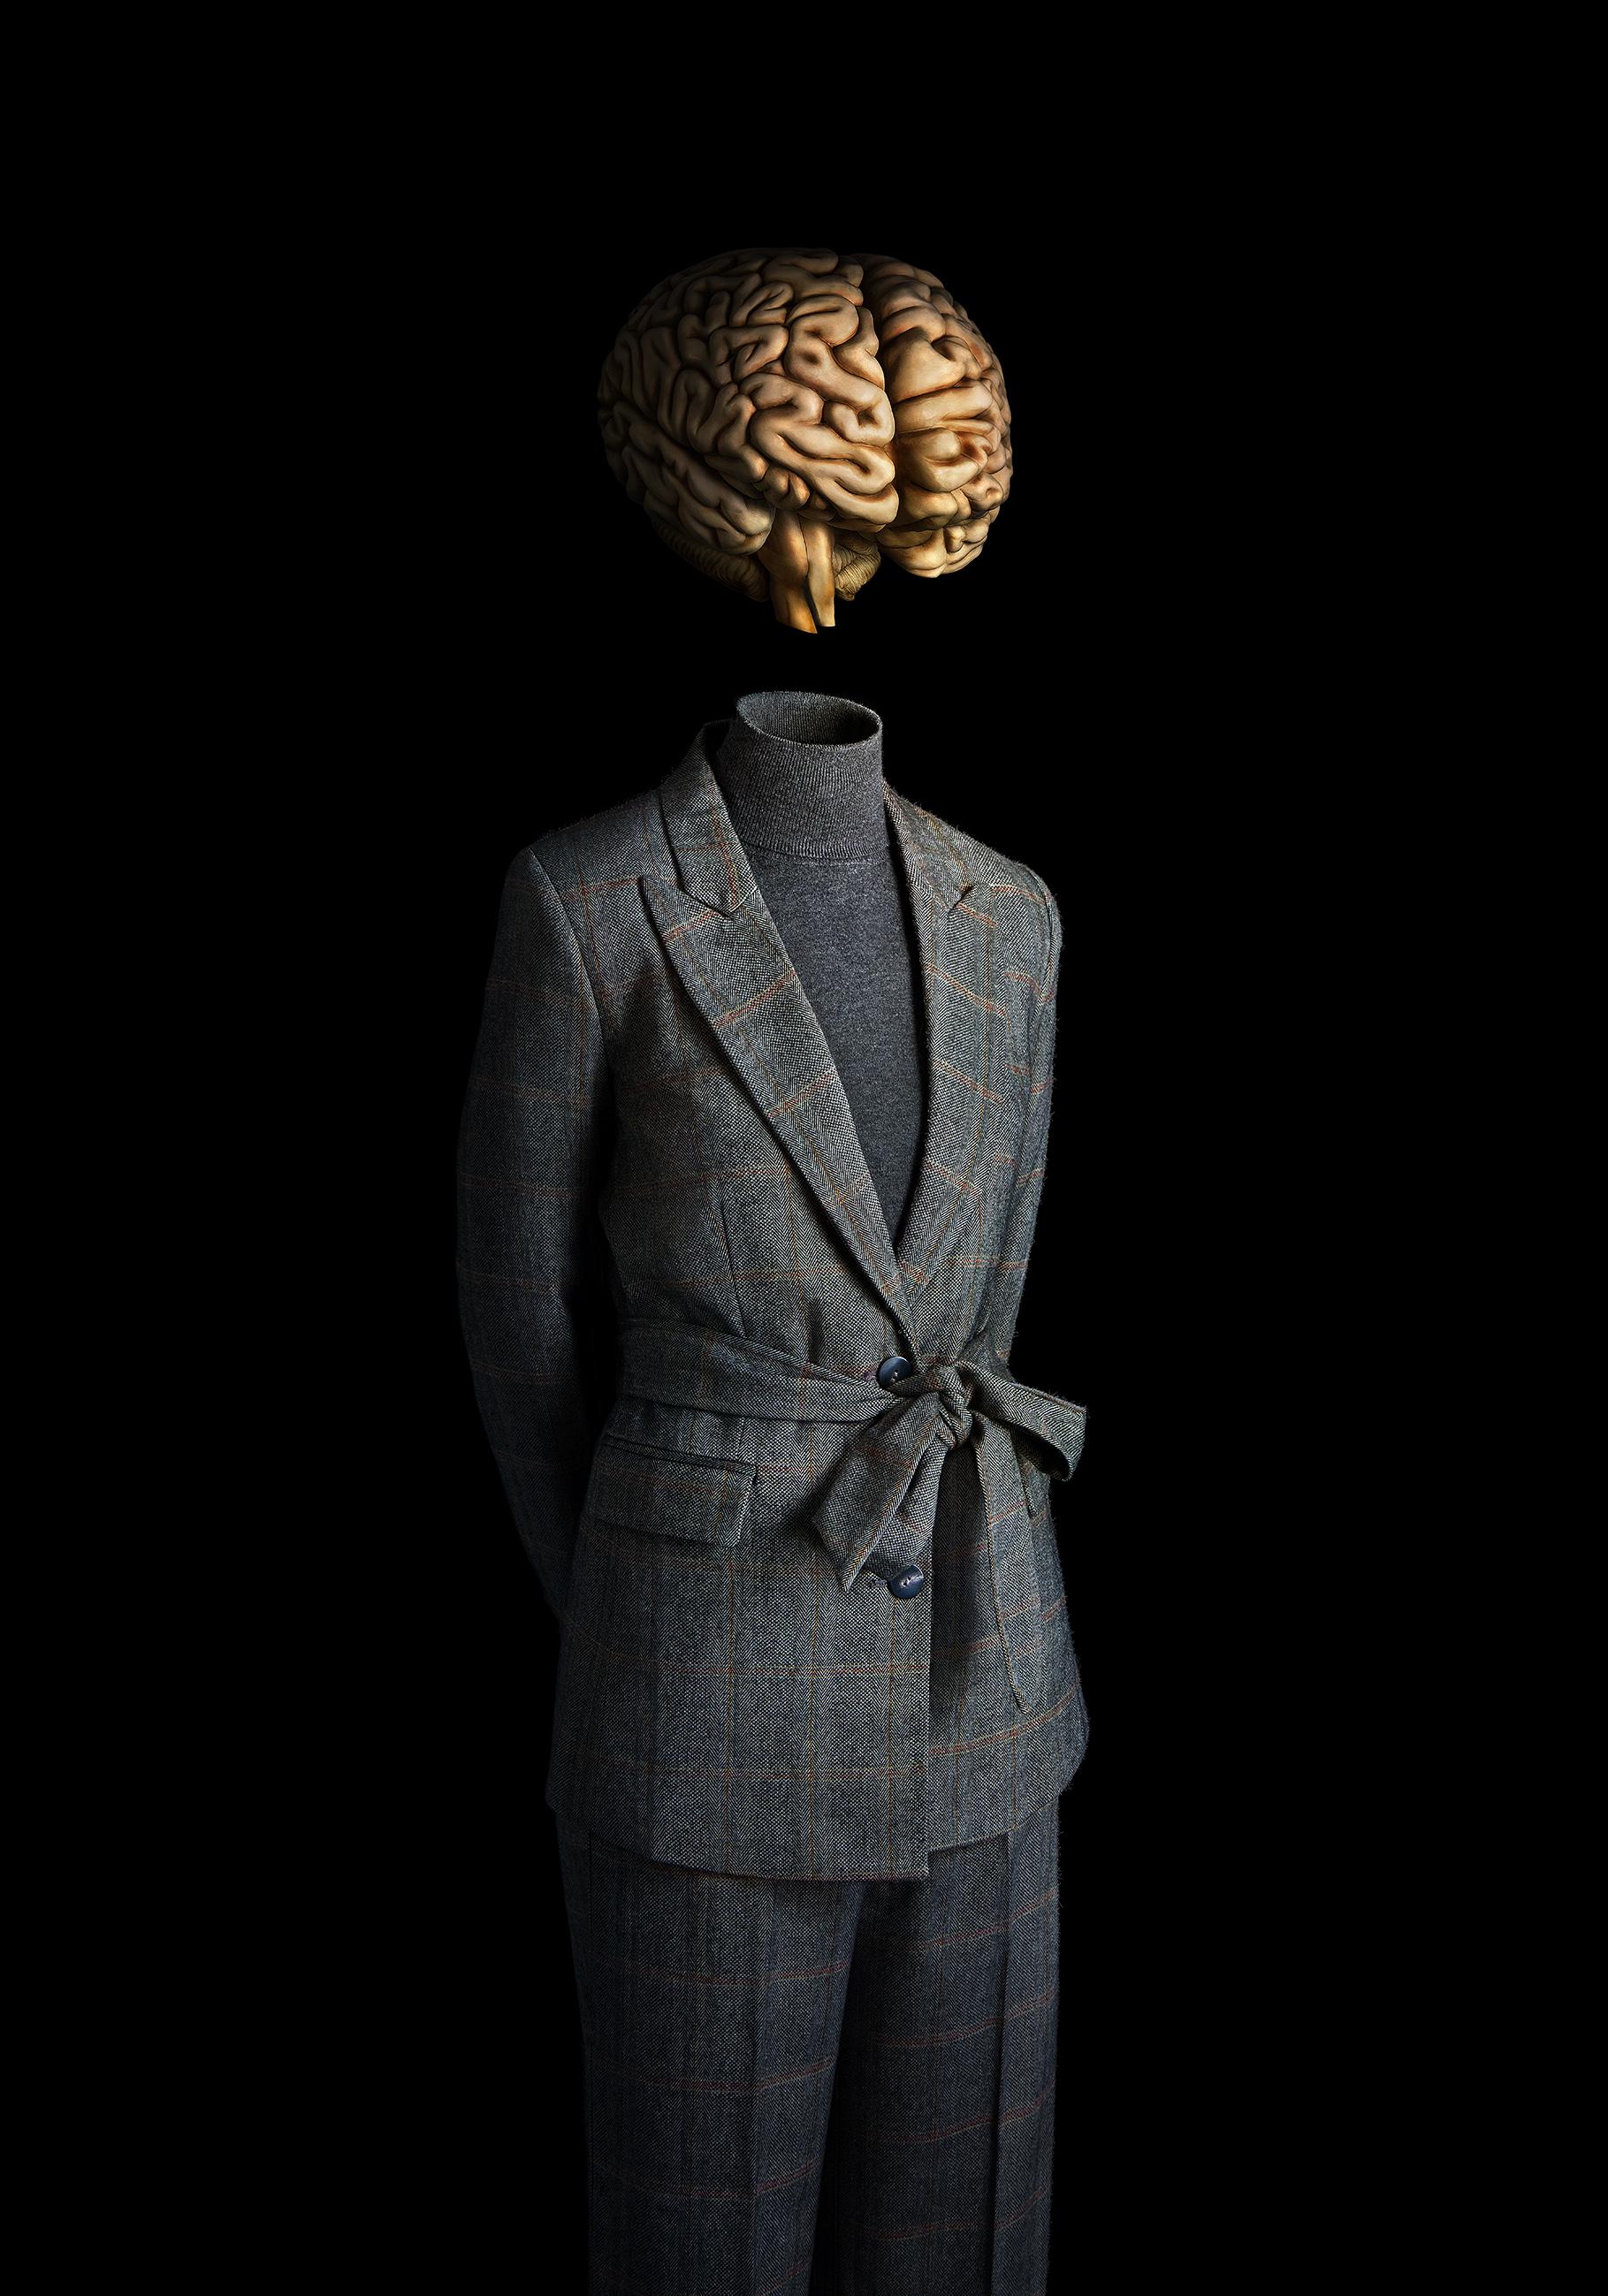 Ceci n'est pas un cerveau